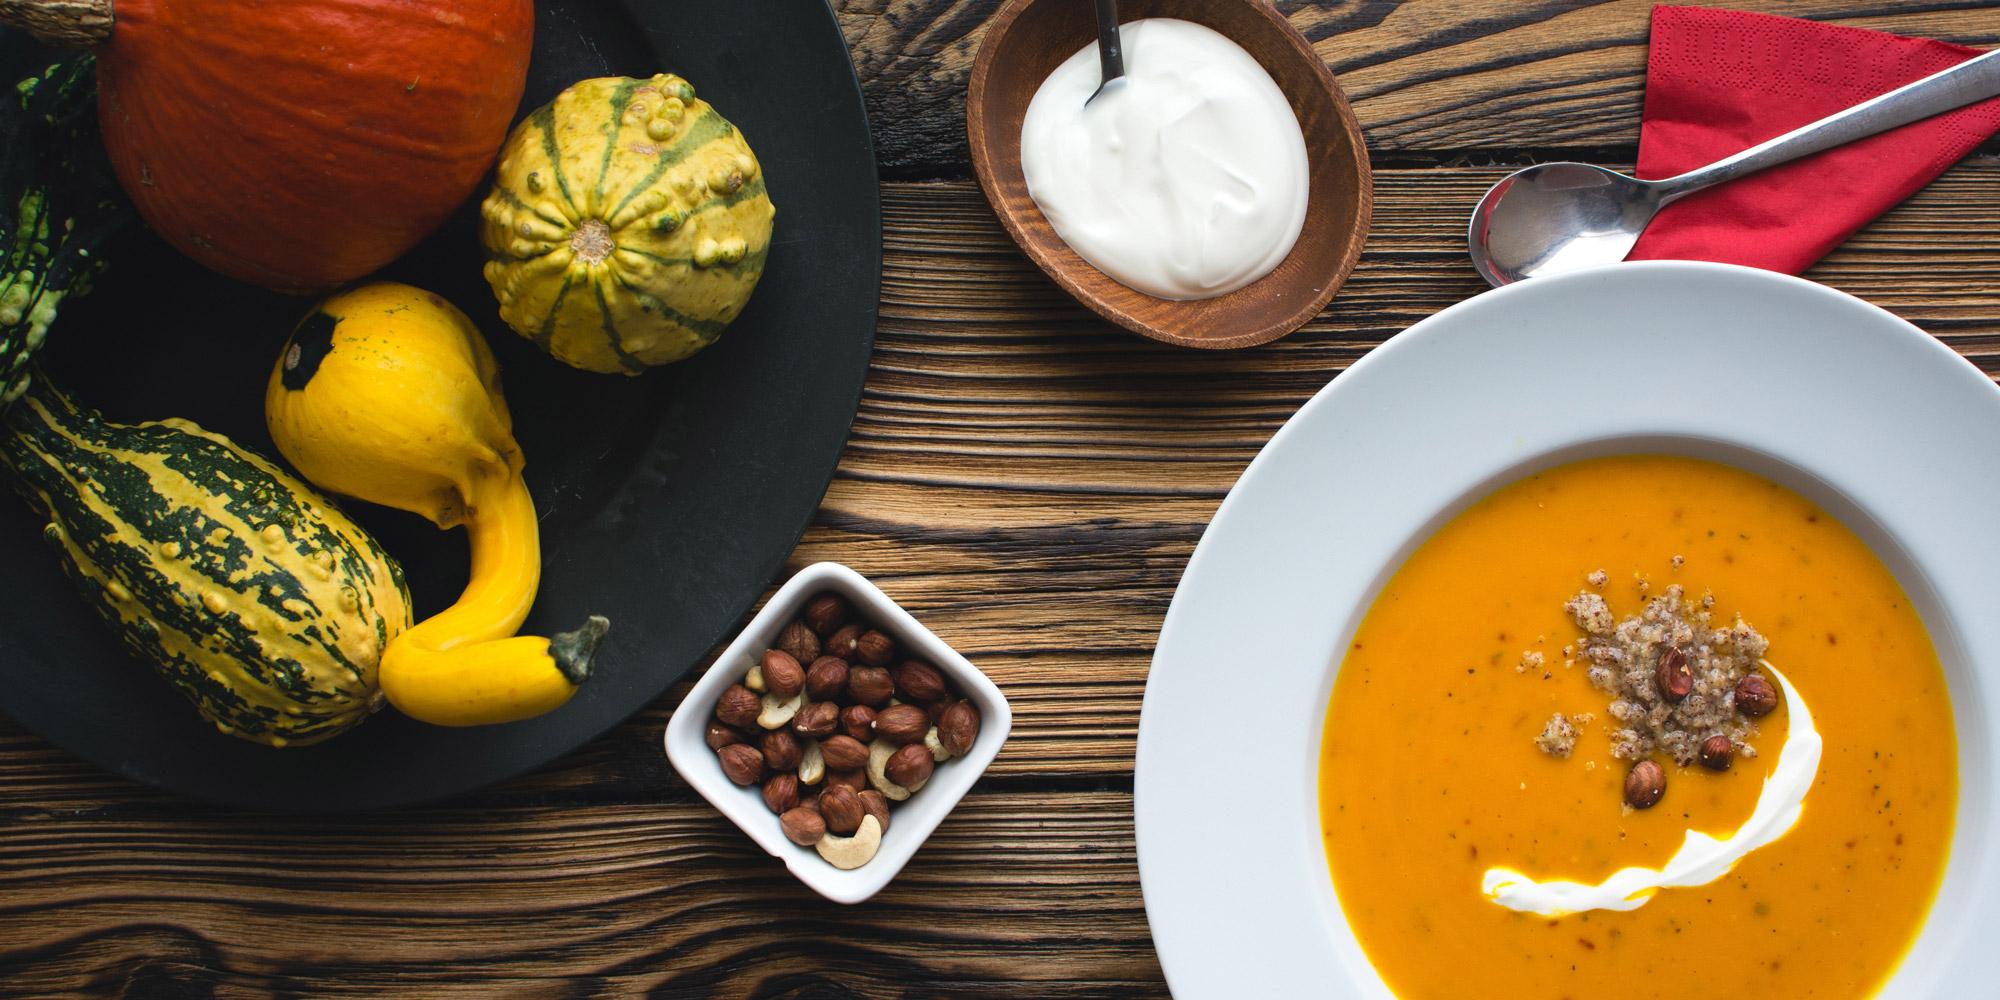 squash, gourds, soup